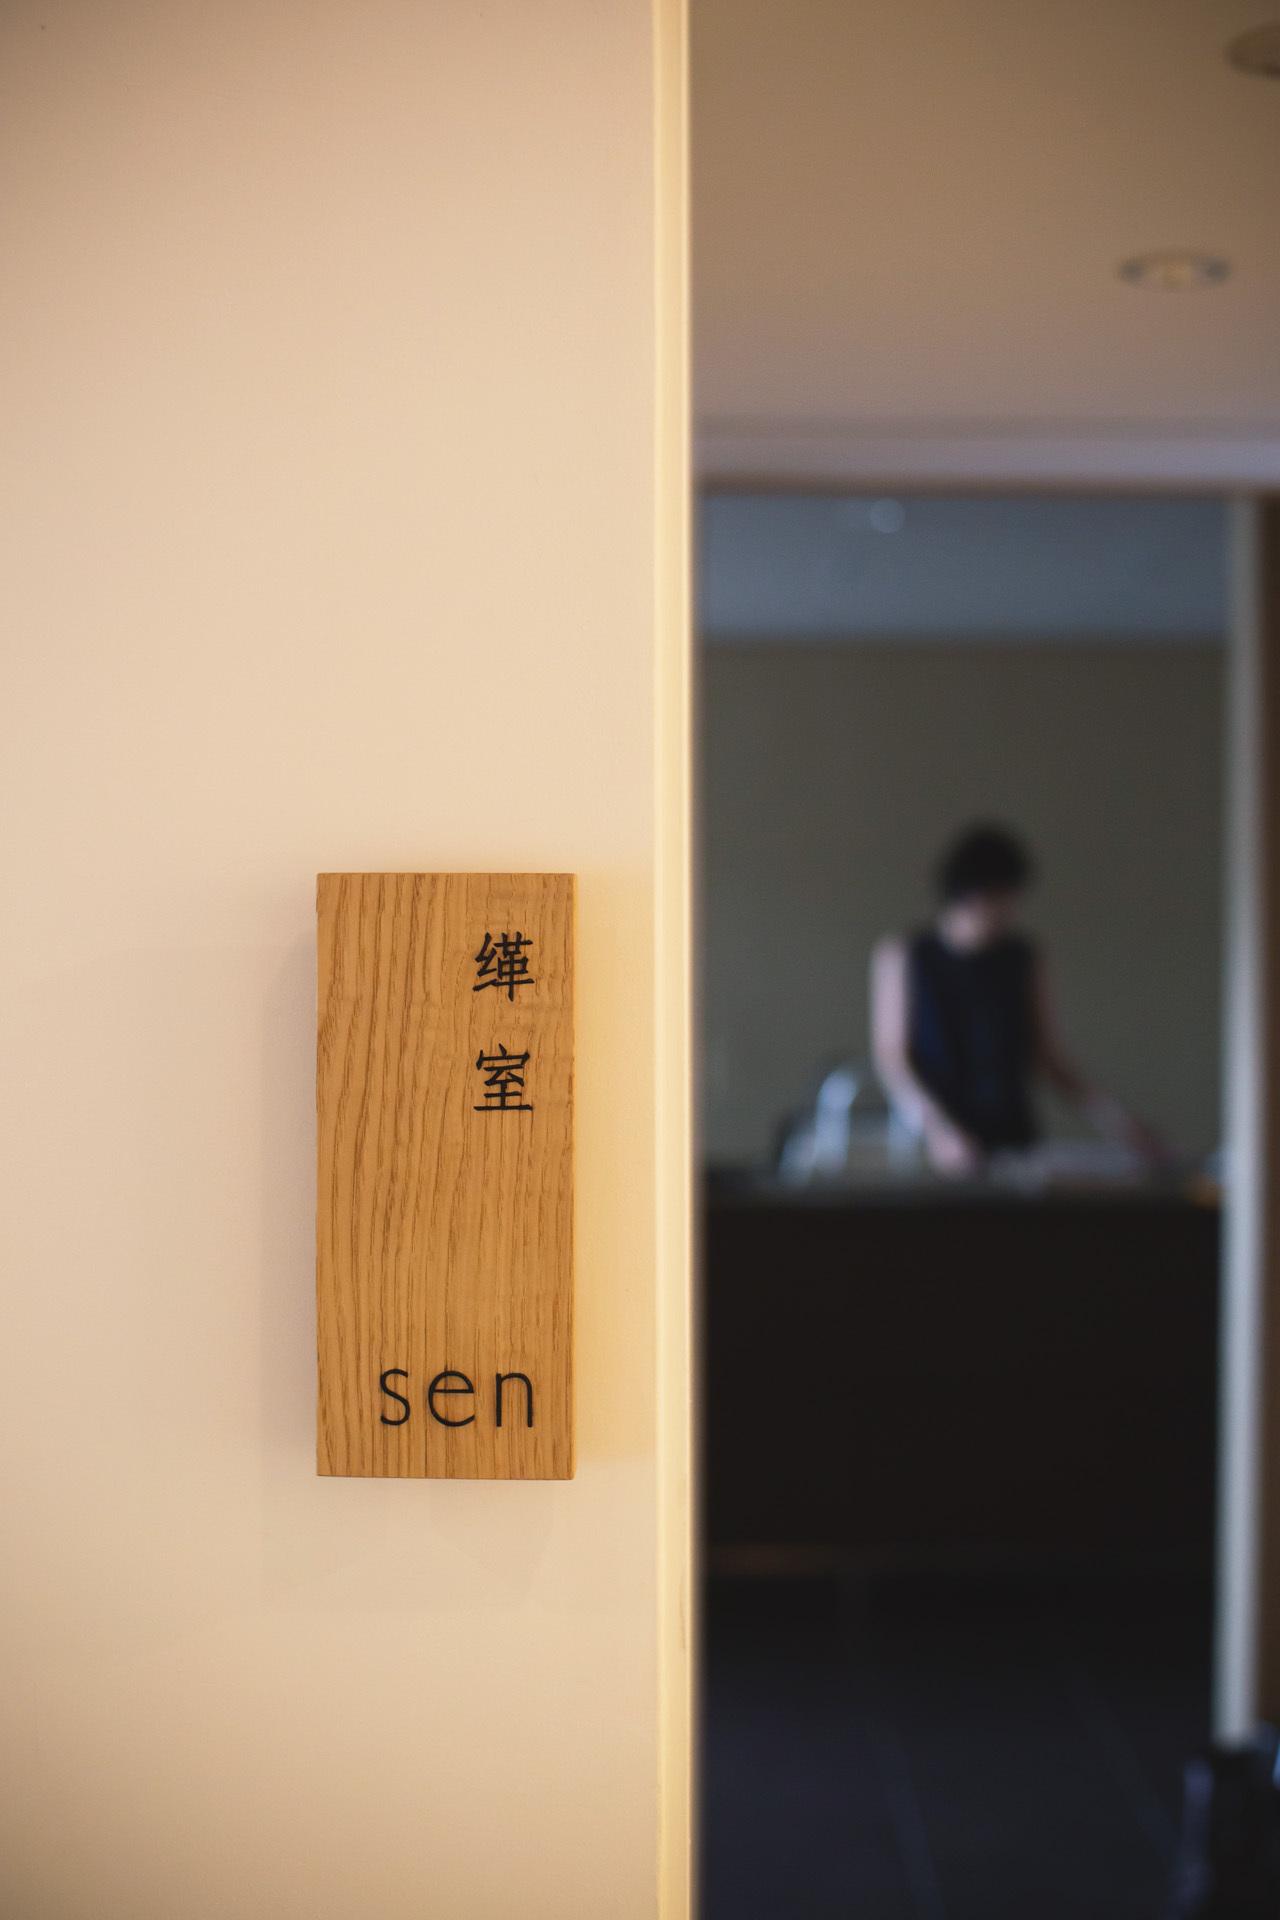 日本人の所作に添い心を包む革小物 緙室(かわむろ) s e n_1_1